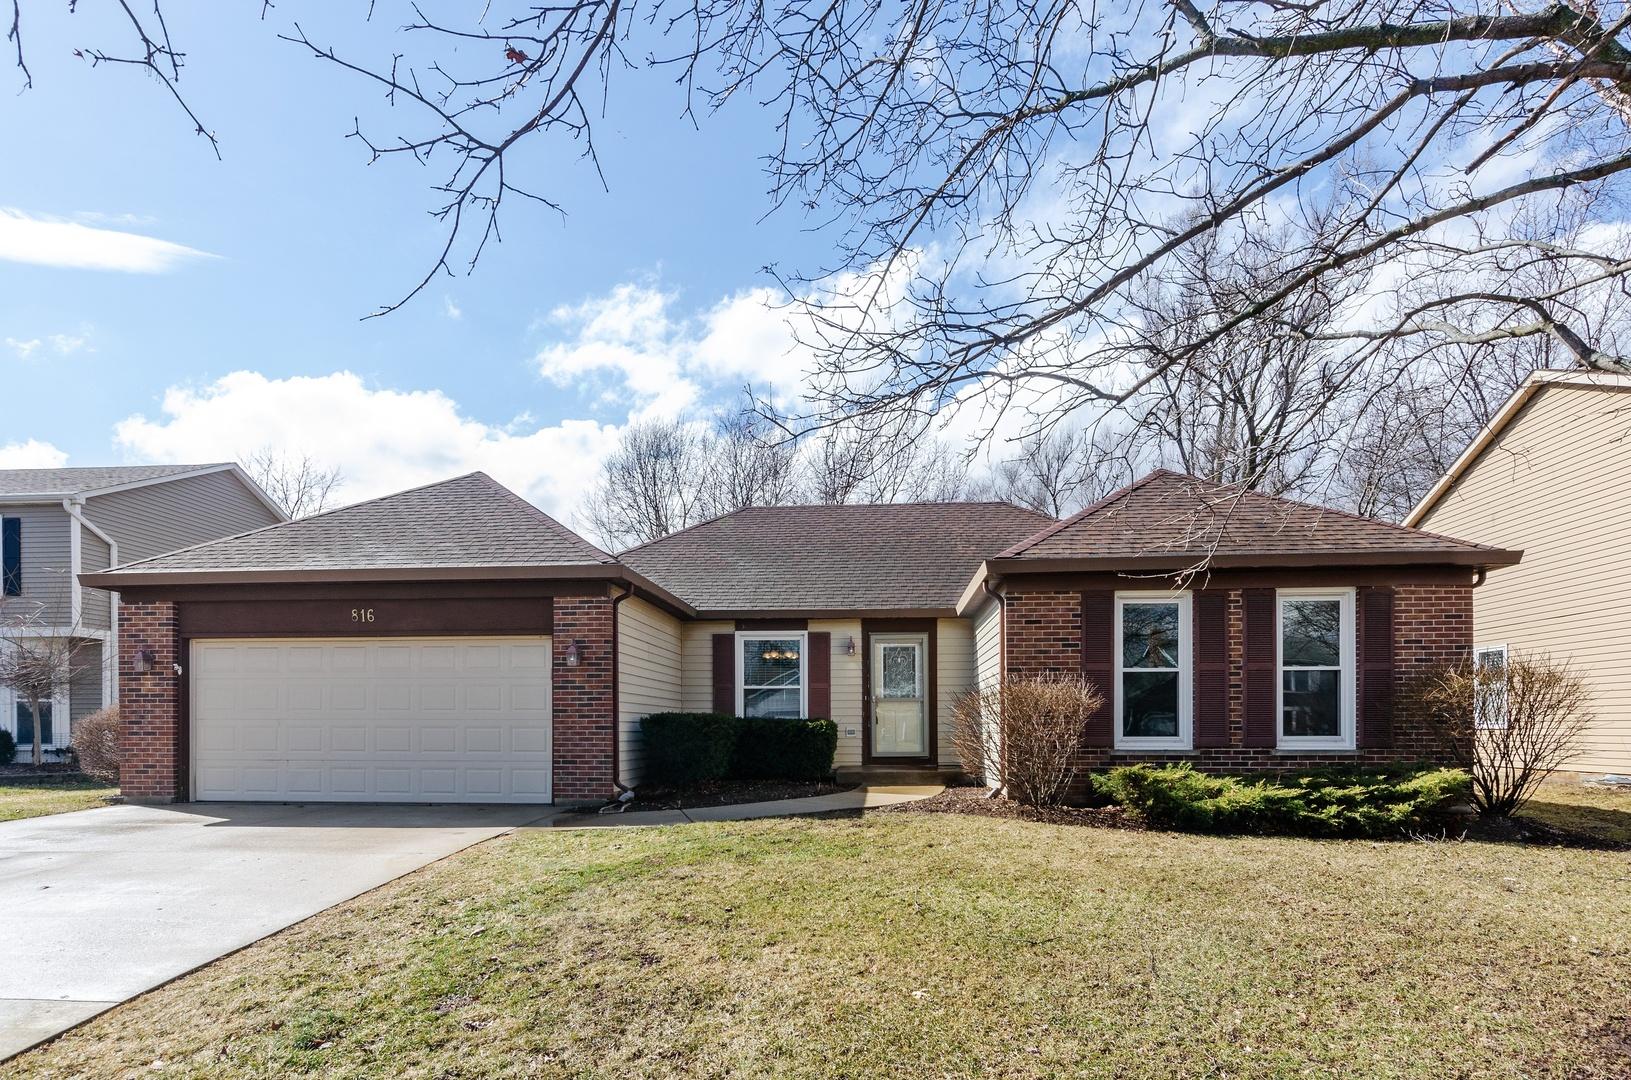 816 Candlewood ,Cary, Illinois 60013